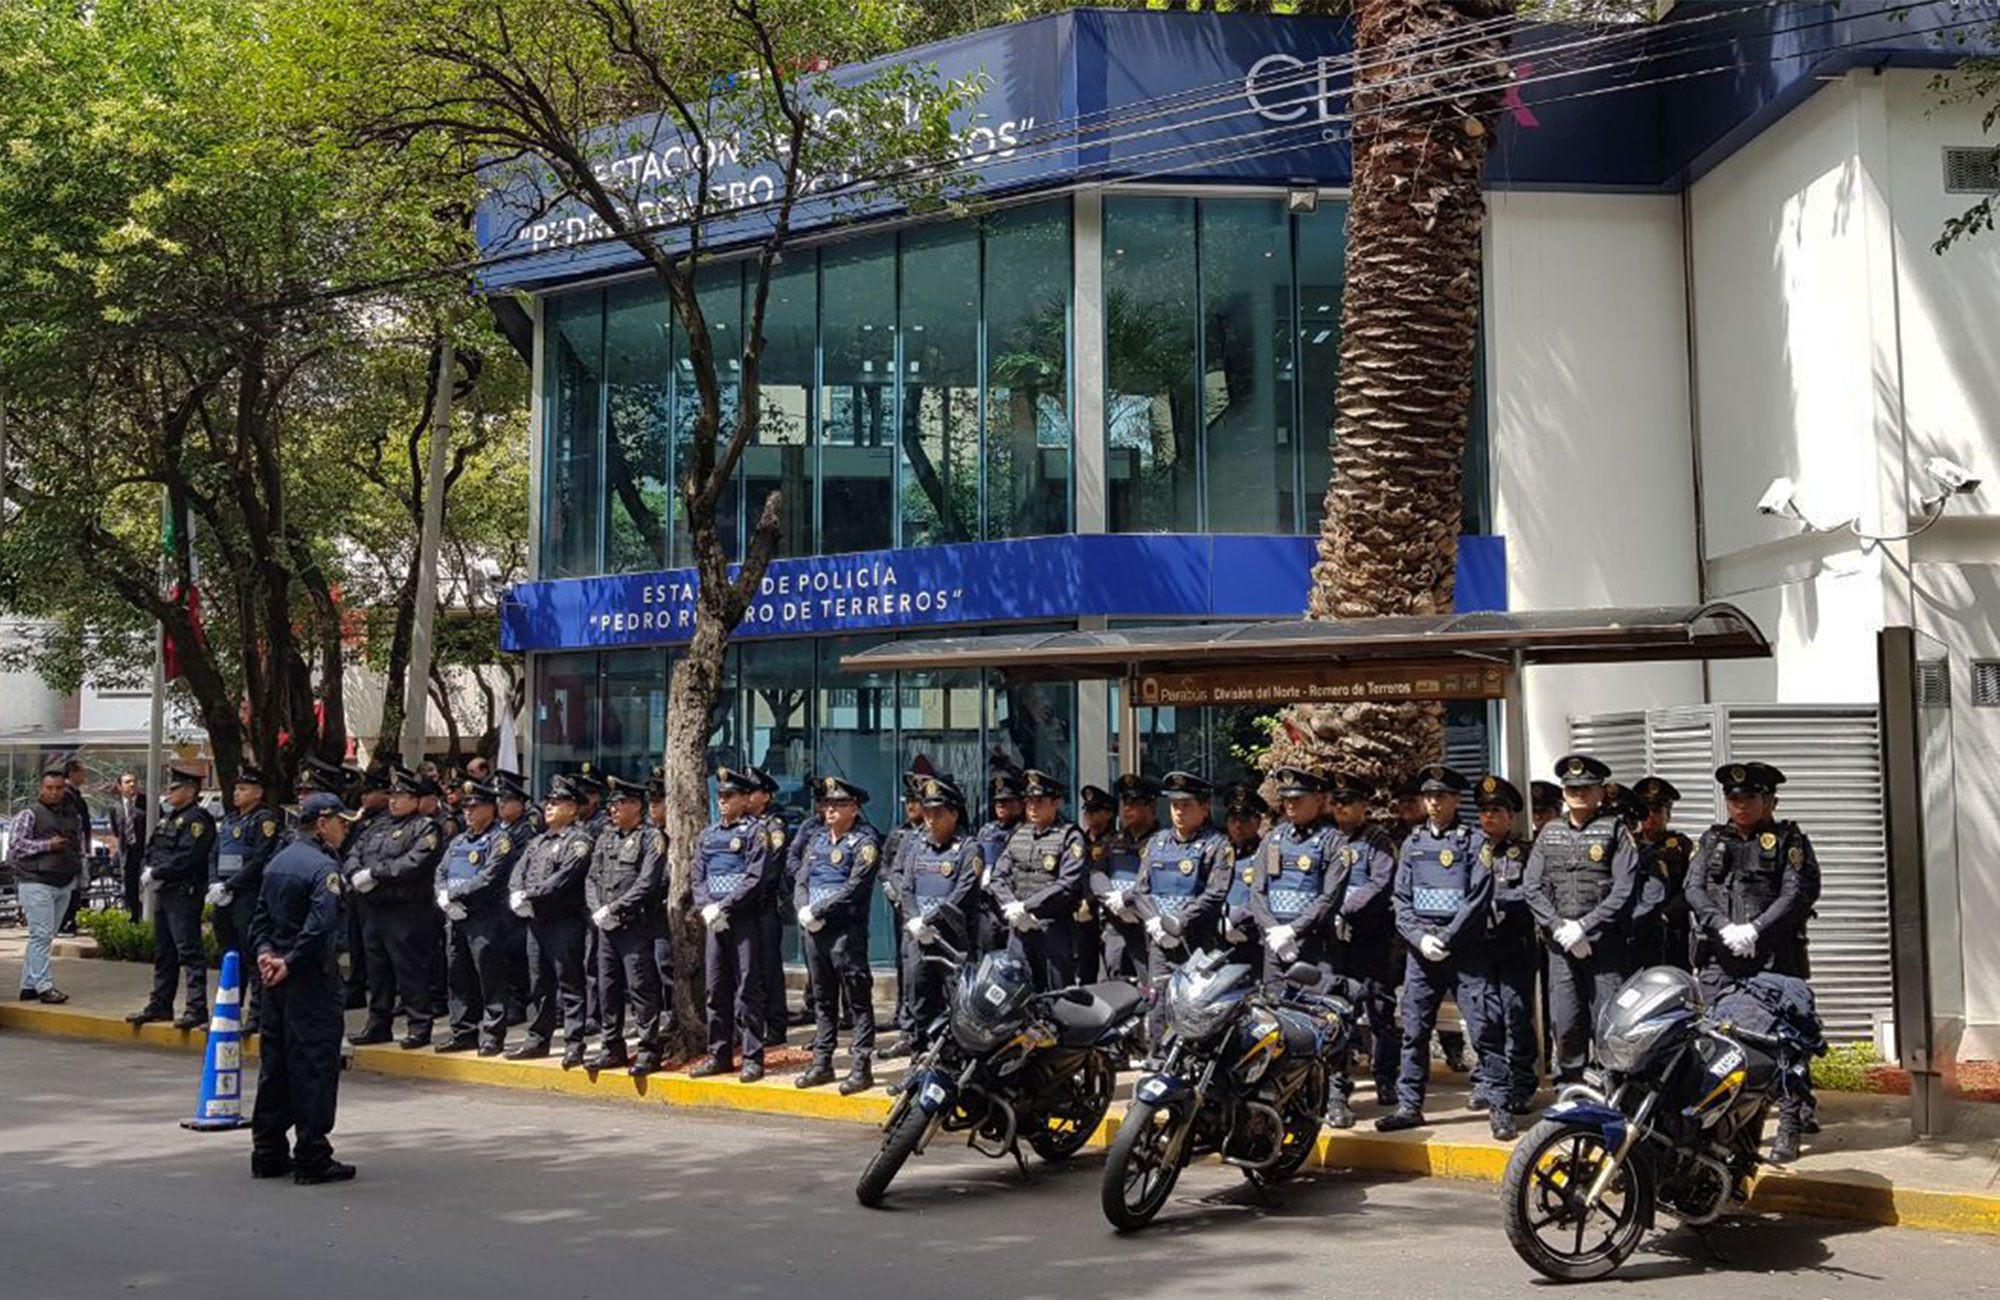 Inaugura Hae Estación De Policía Romero De Terreros En La